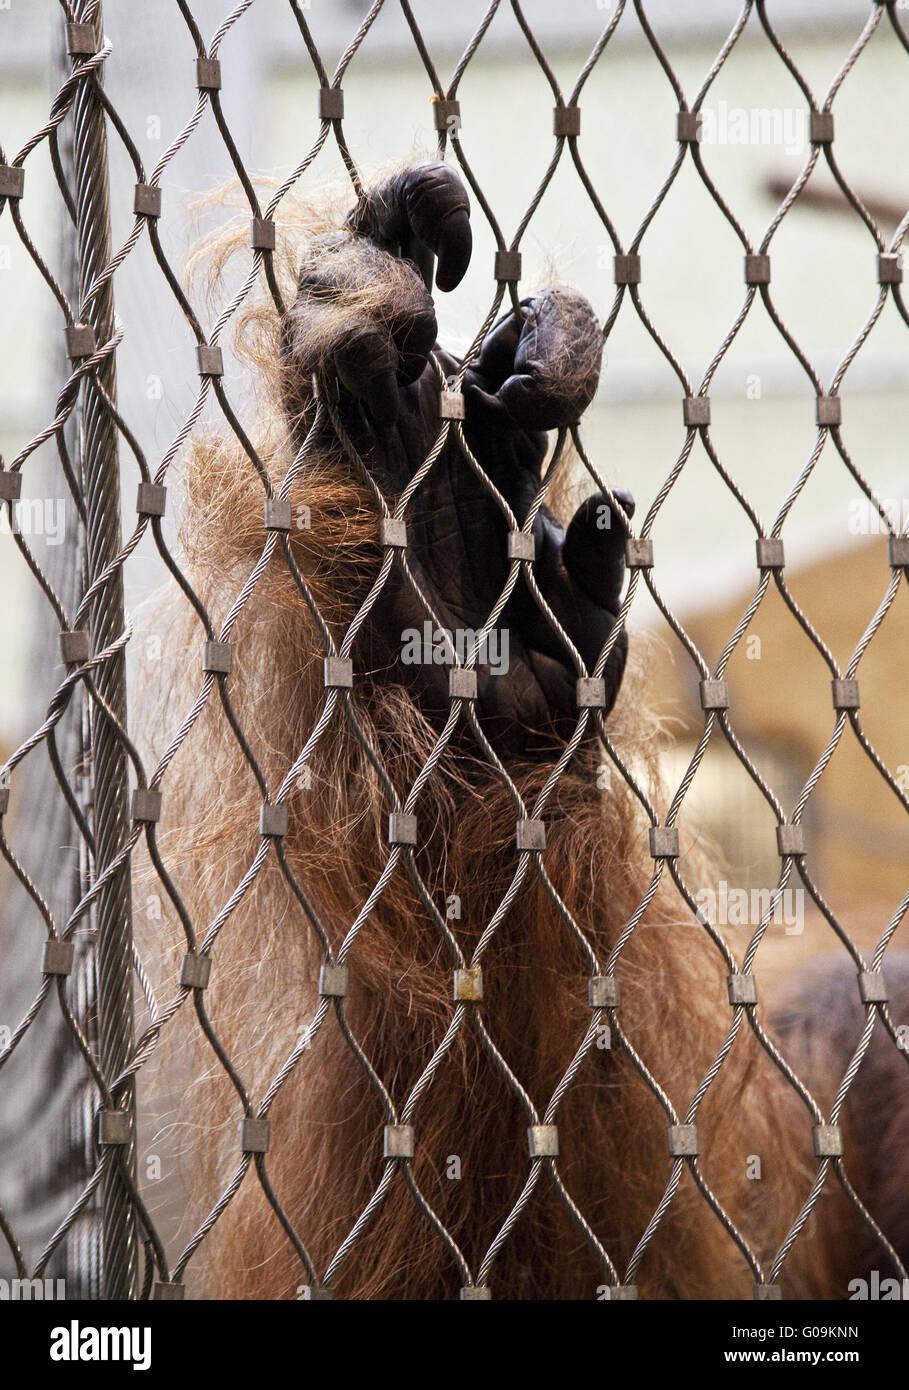 Hand eines Gorillas im Zoo, Dortmund, Deutschland. Stockbild